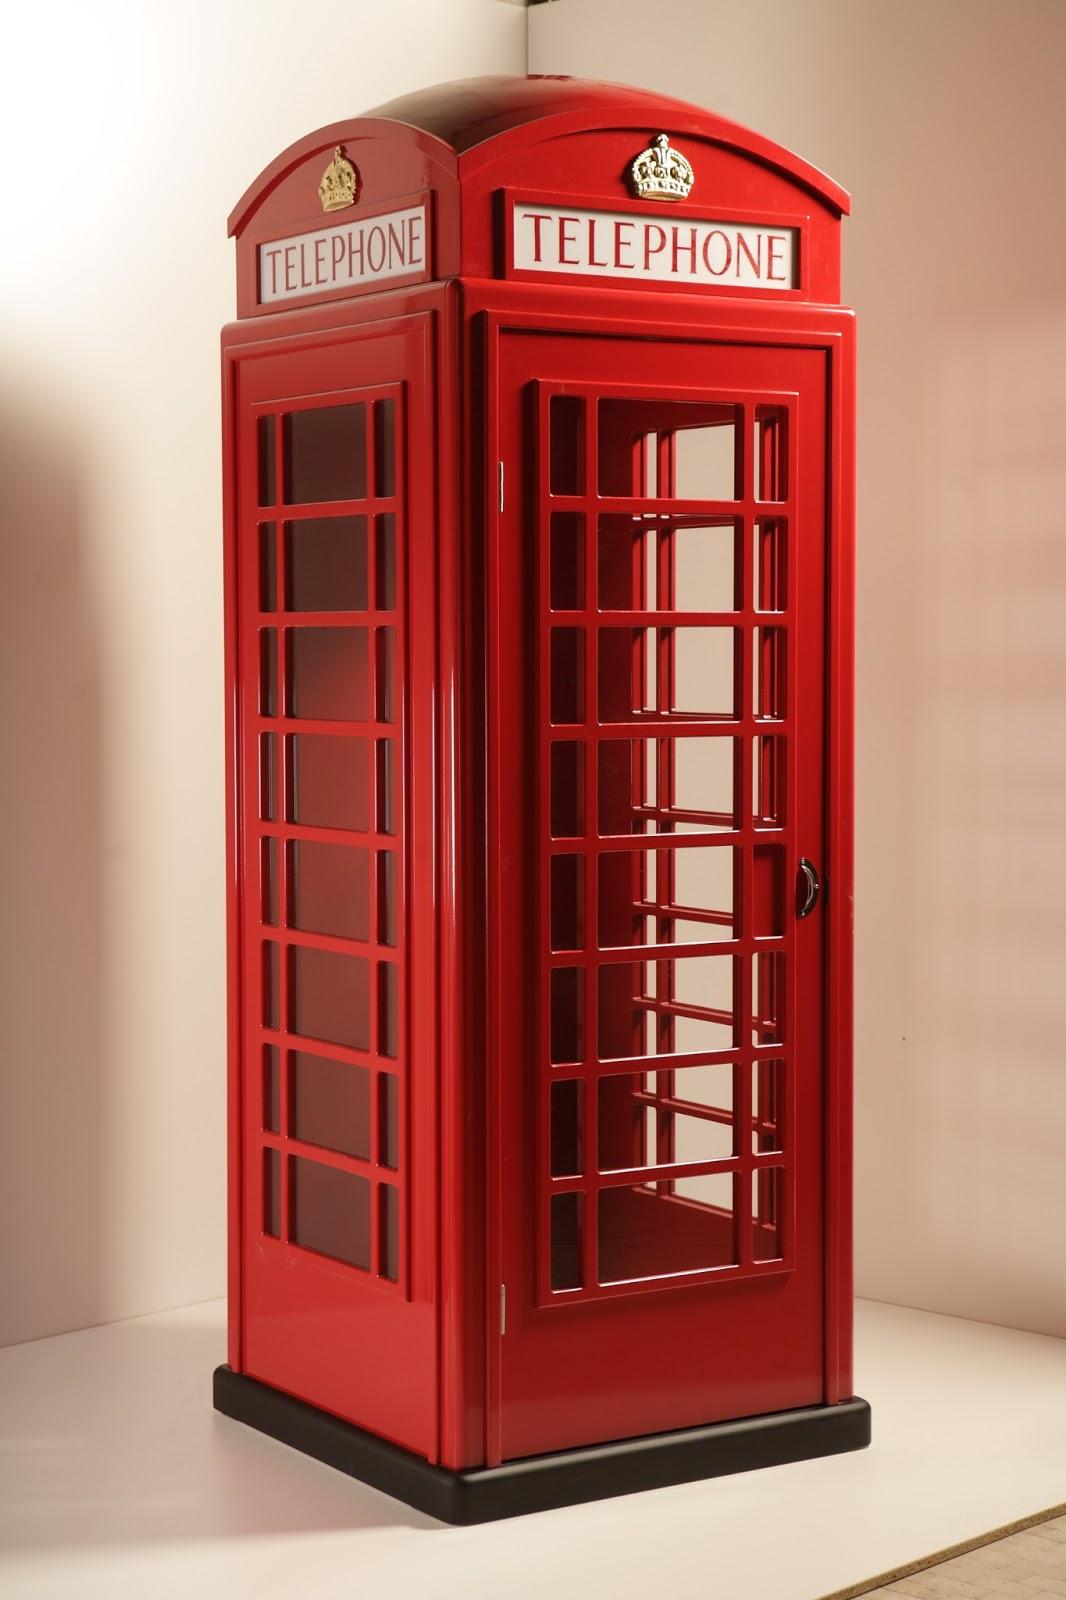 Cabina telefonica in legno idea arredo for Cabina telefonica inglese arredamento